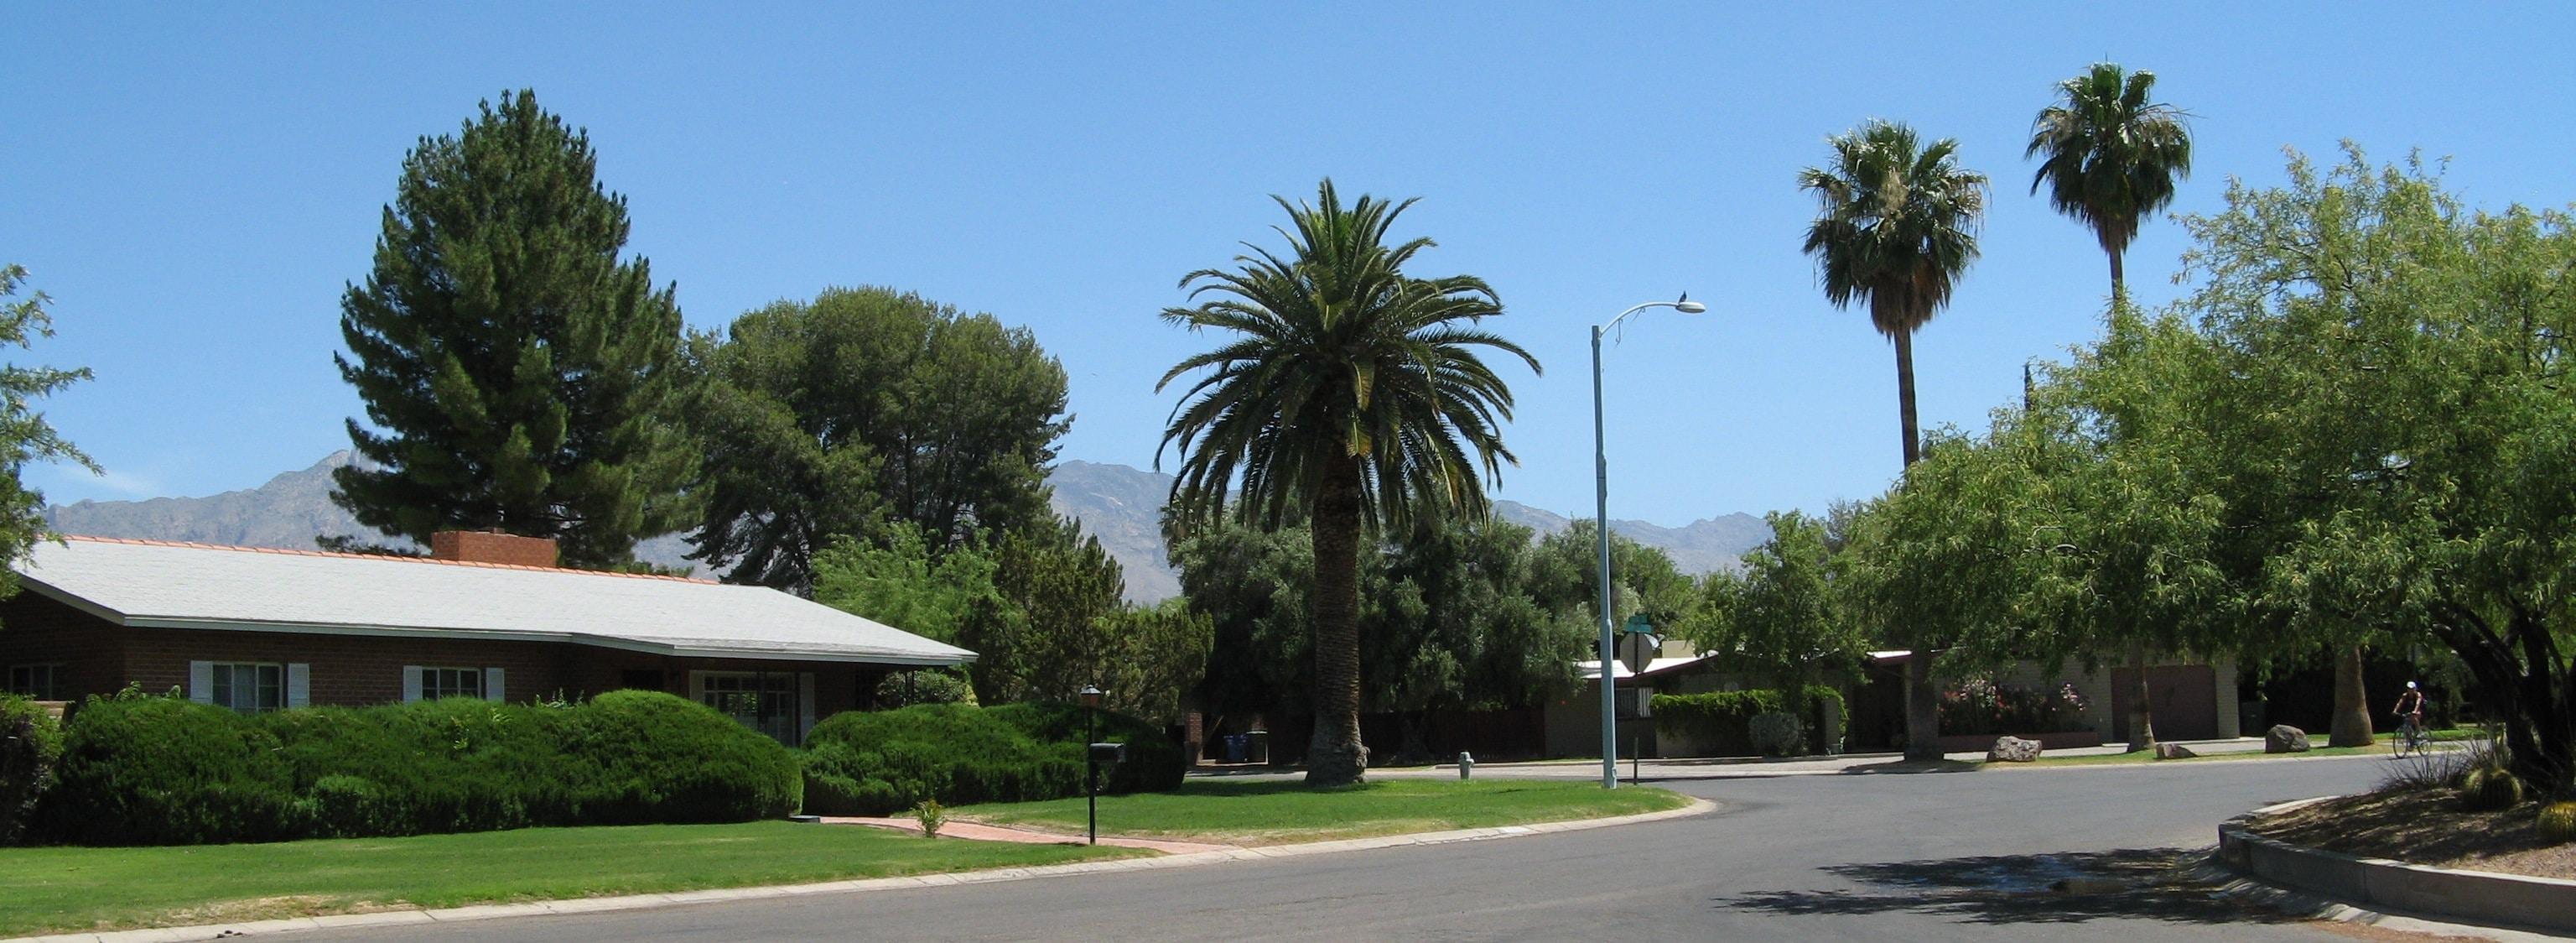 Winterhaven neighborhood, Tucson, Arizona